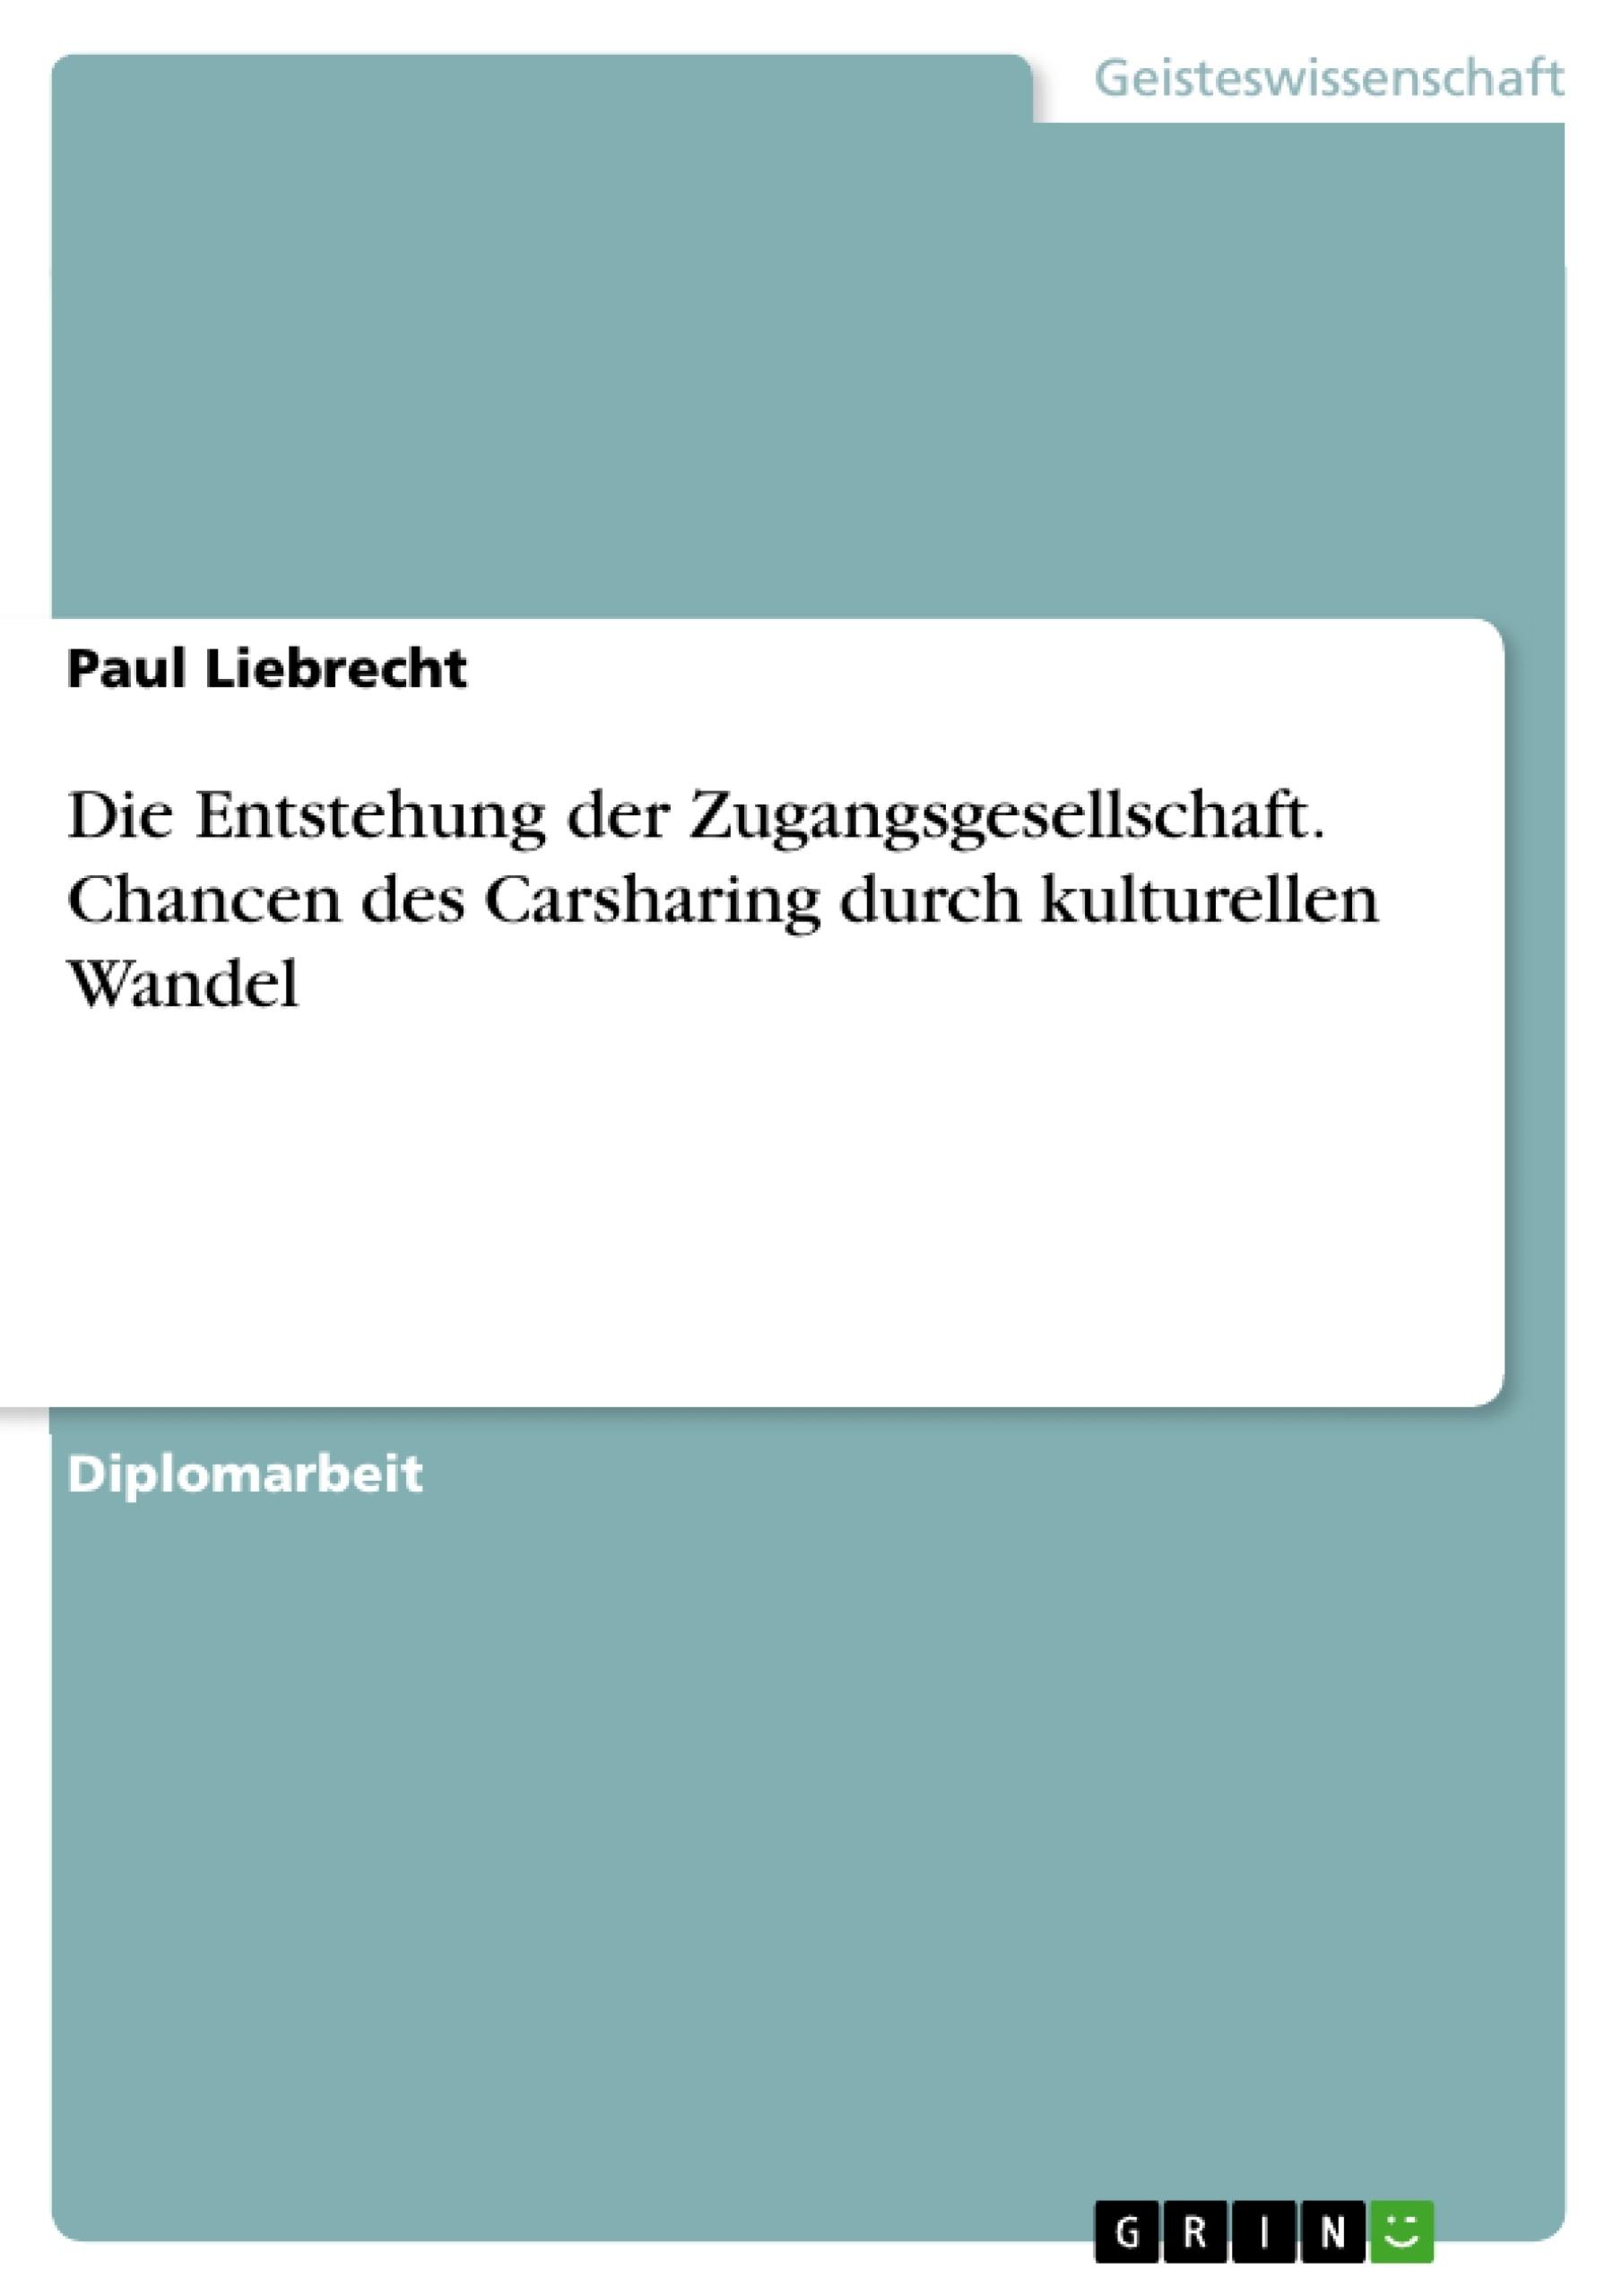 Titel: Die Entstehung der Zugangsgesellschaft. Chancen des Carsharing durch kulturellen Wandel